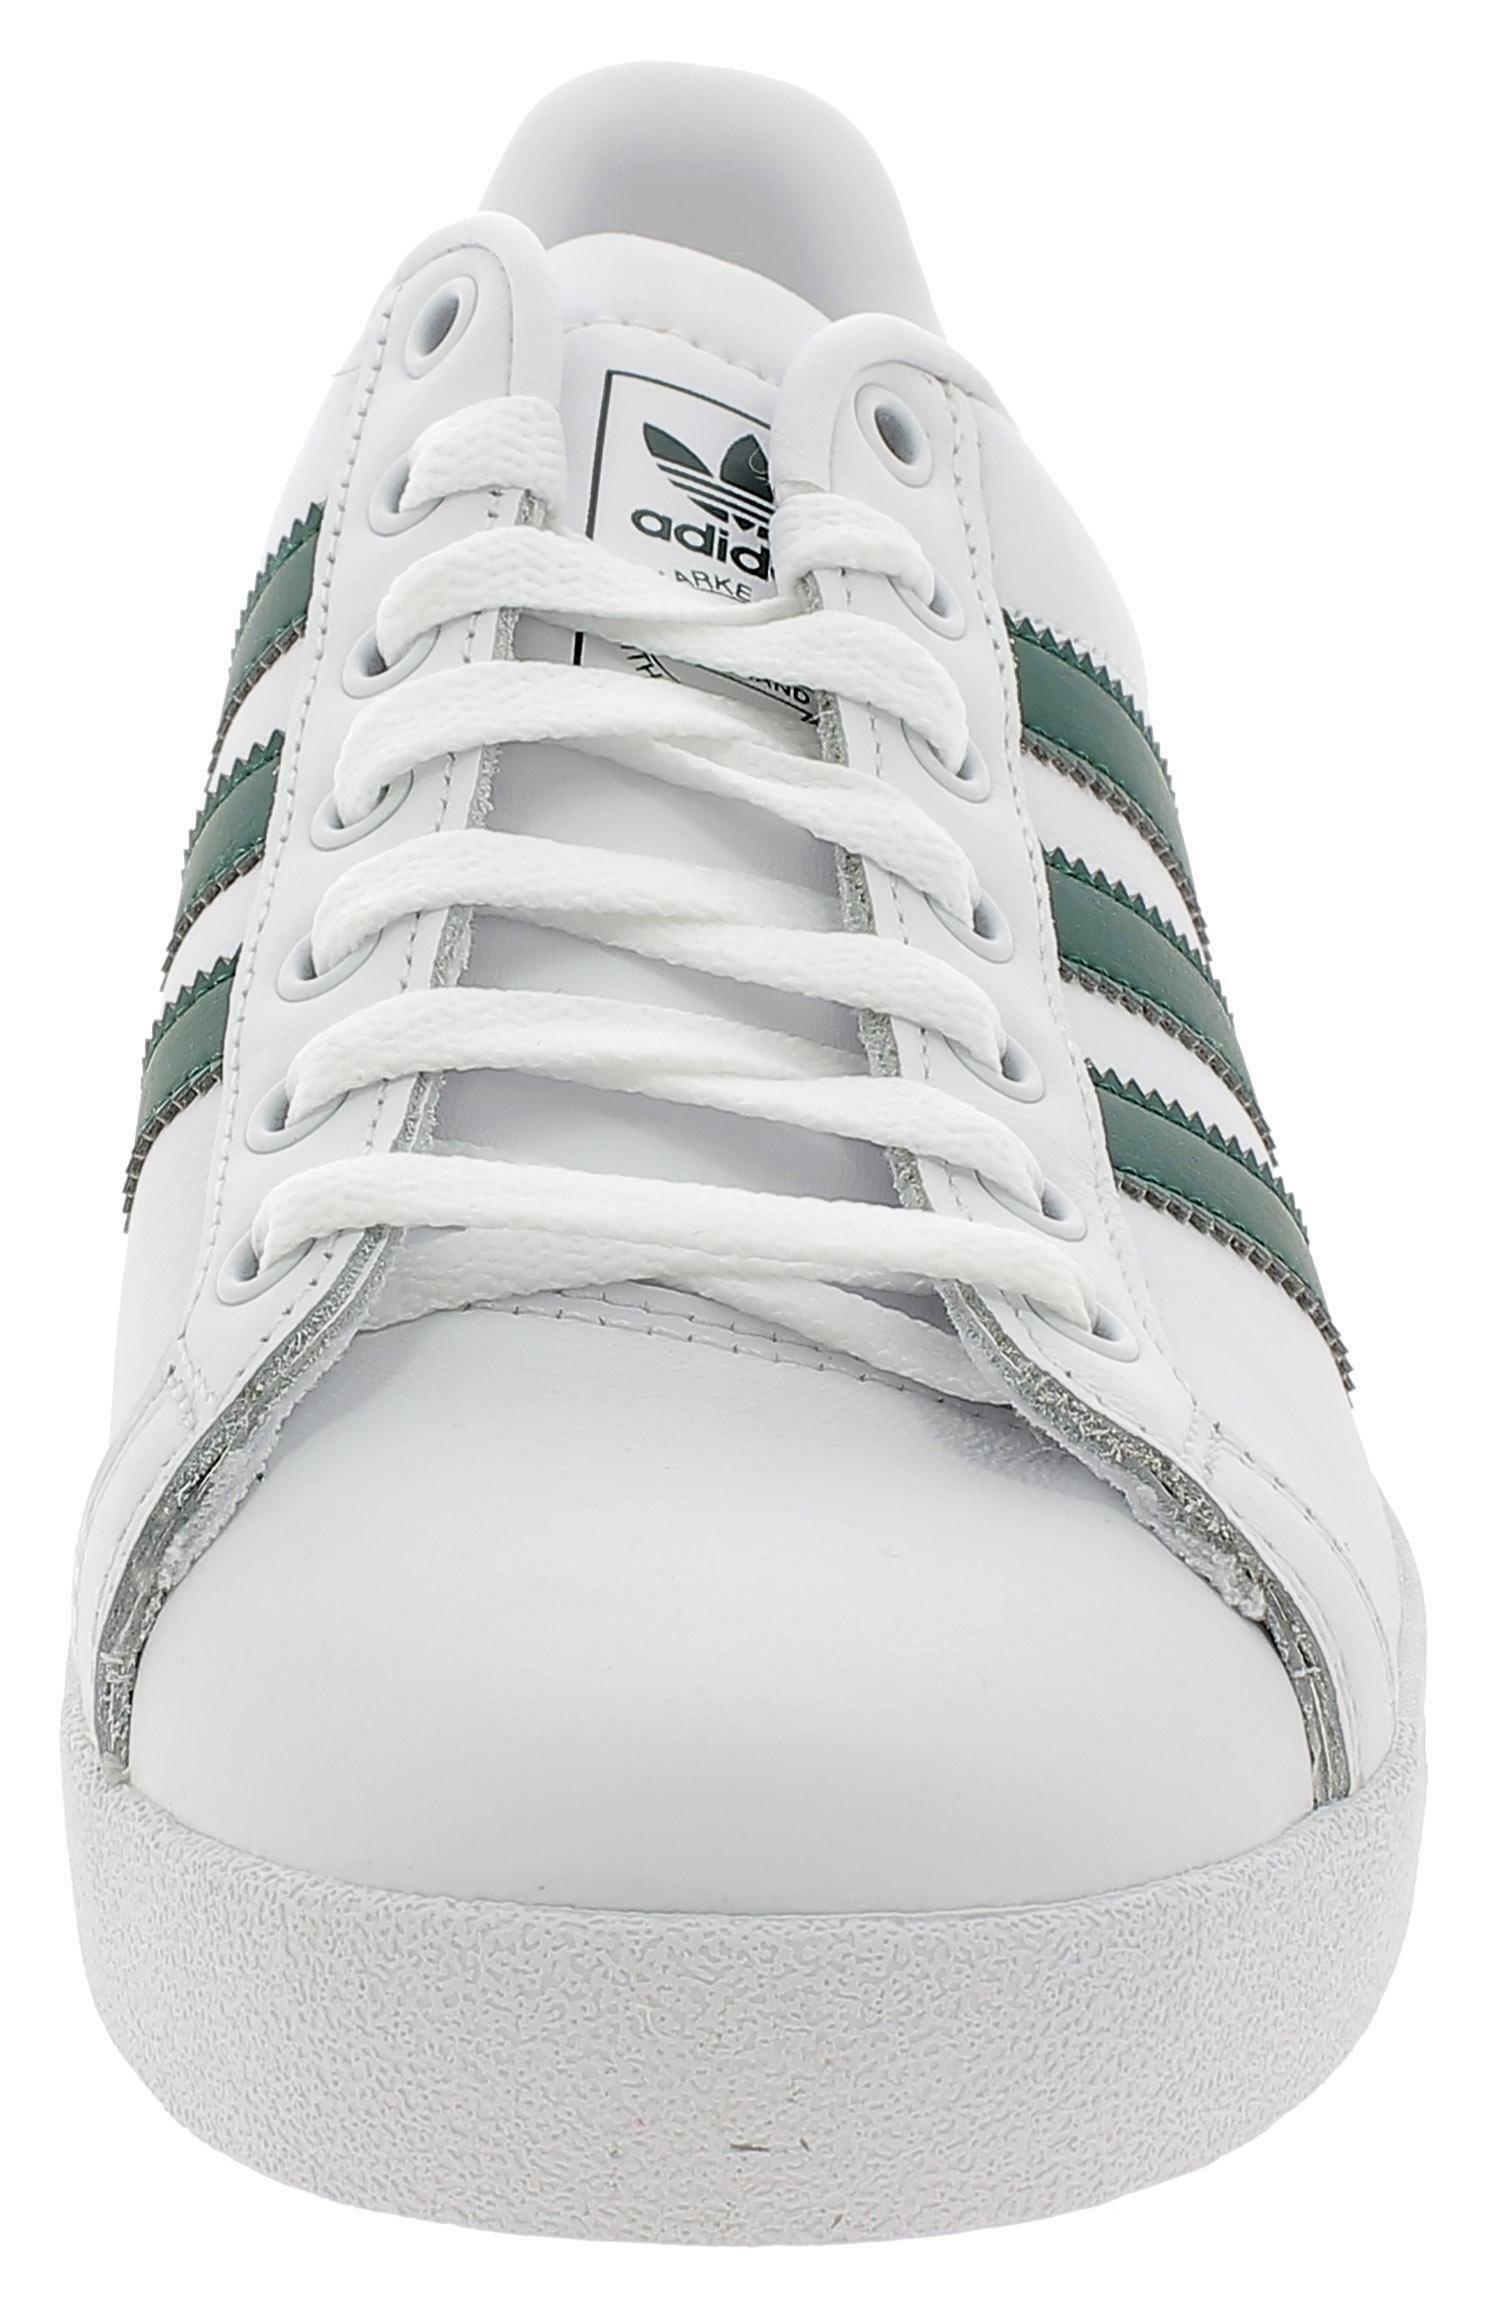 adidas coast star scarpe da ginnastica uomo